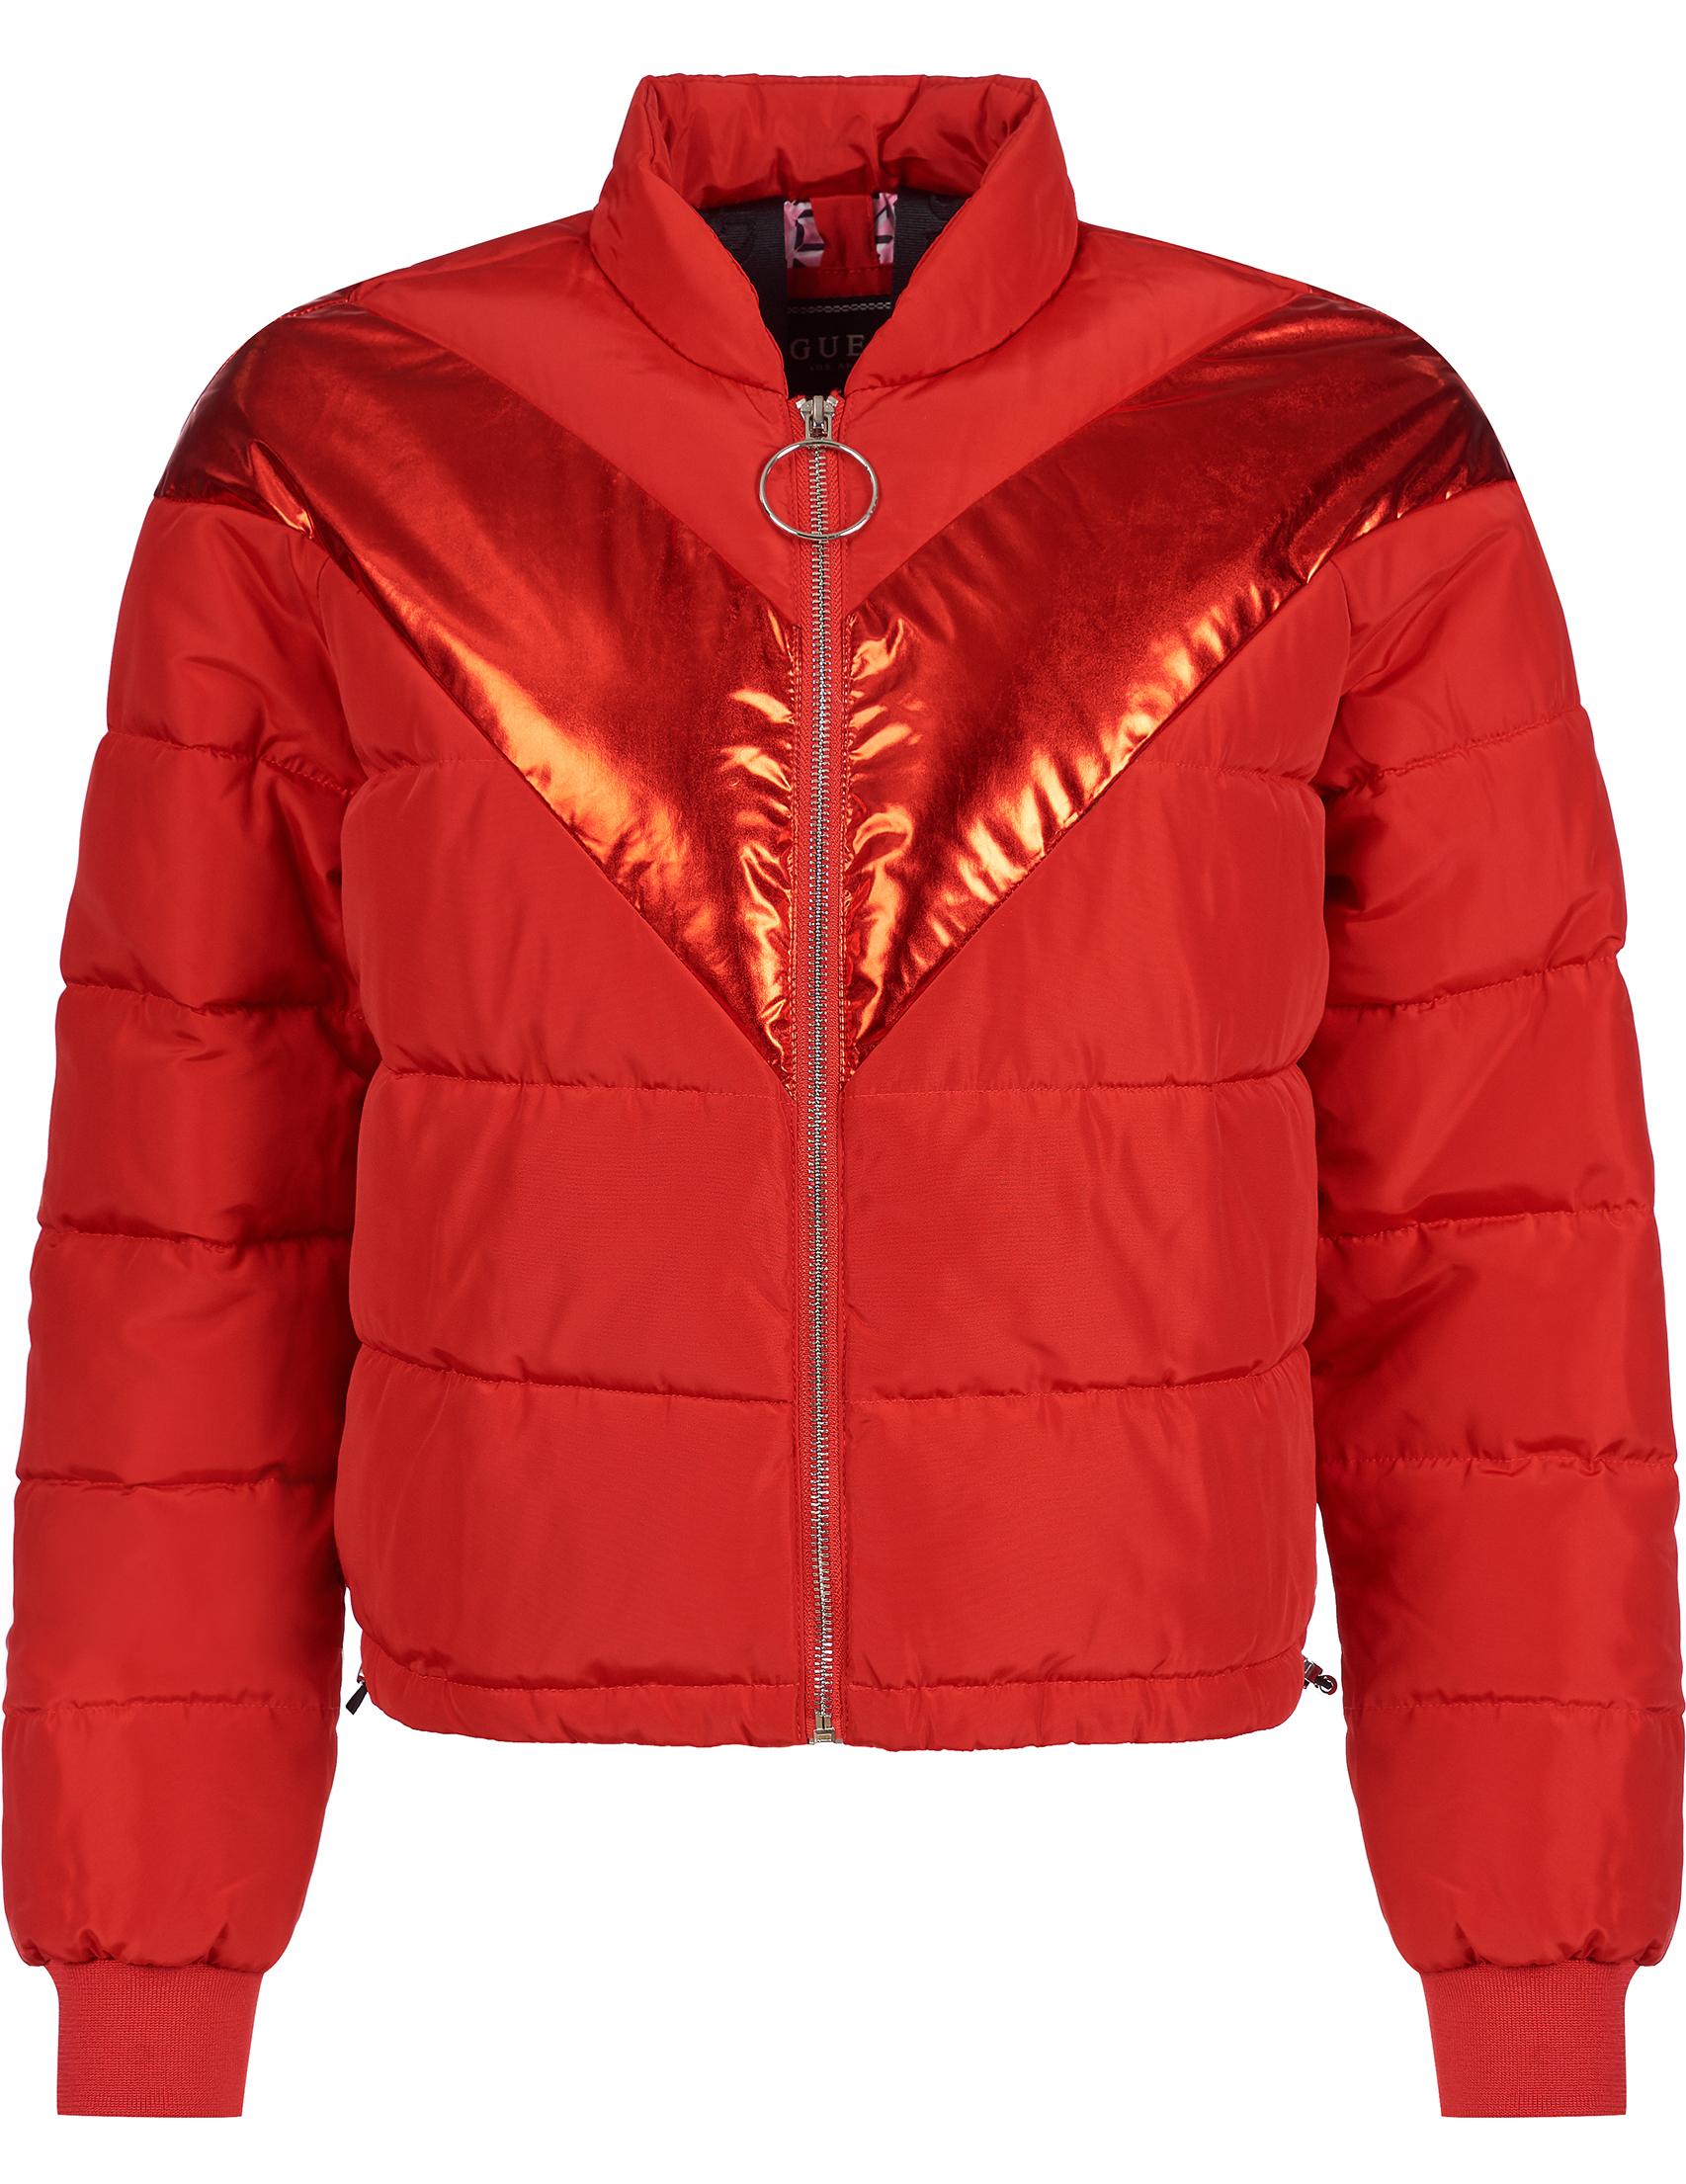 Купить Куртки, Куртка, GUESS, Красный, 100%Полиэстер, Осень-Зима